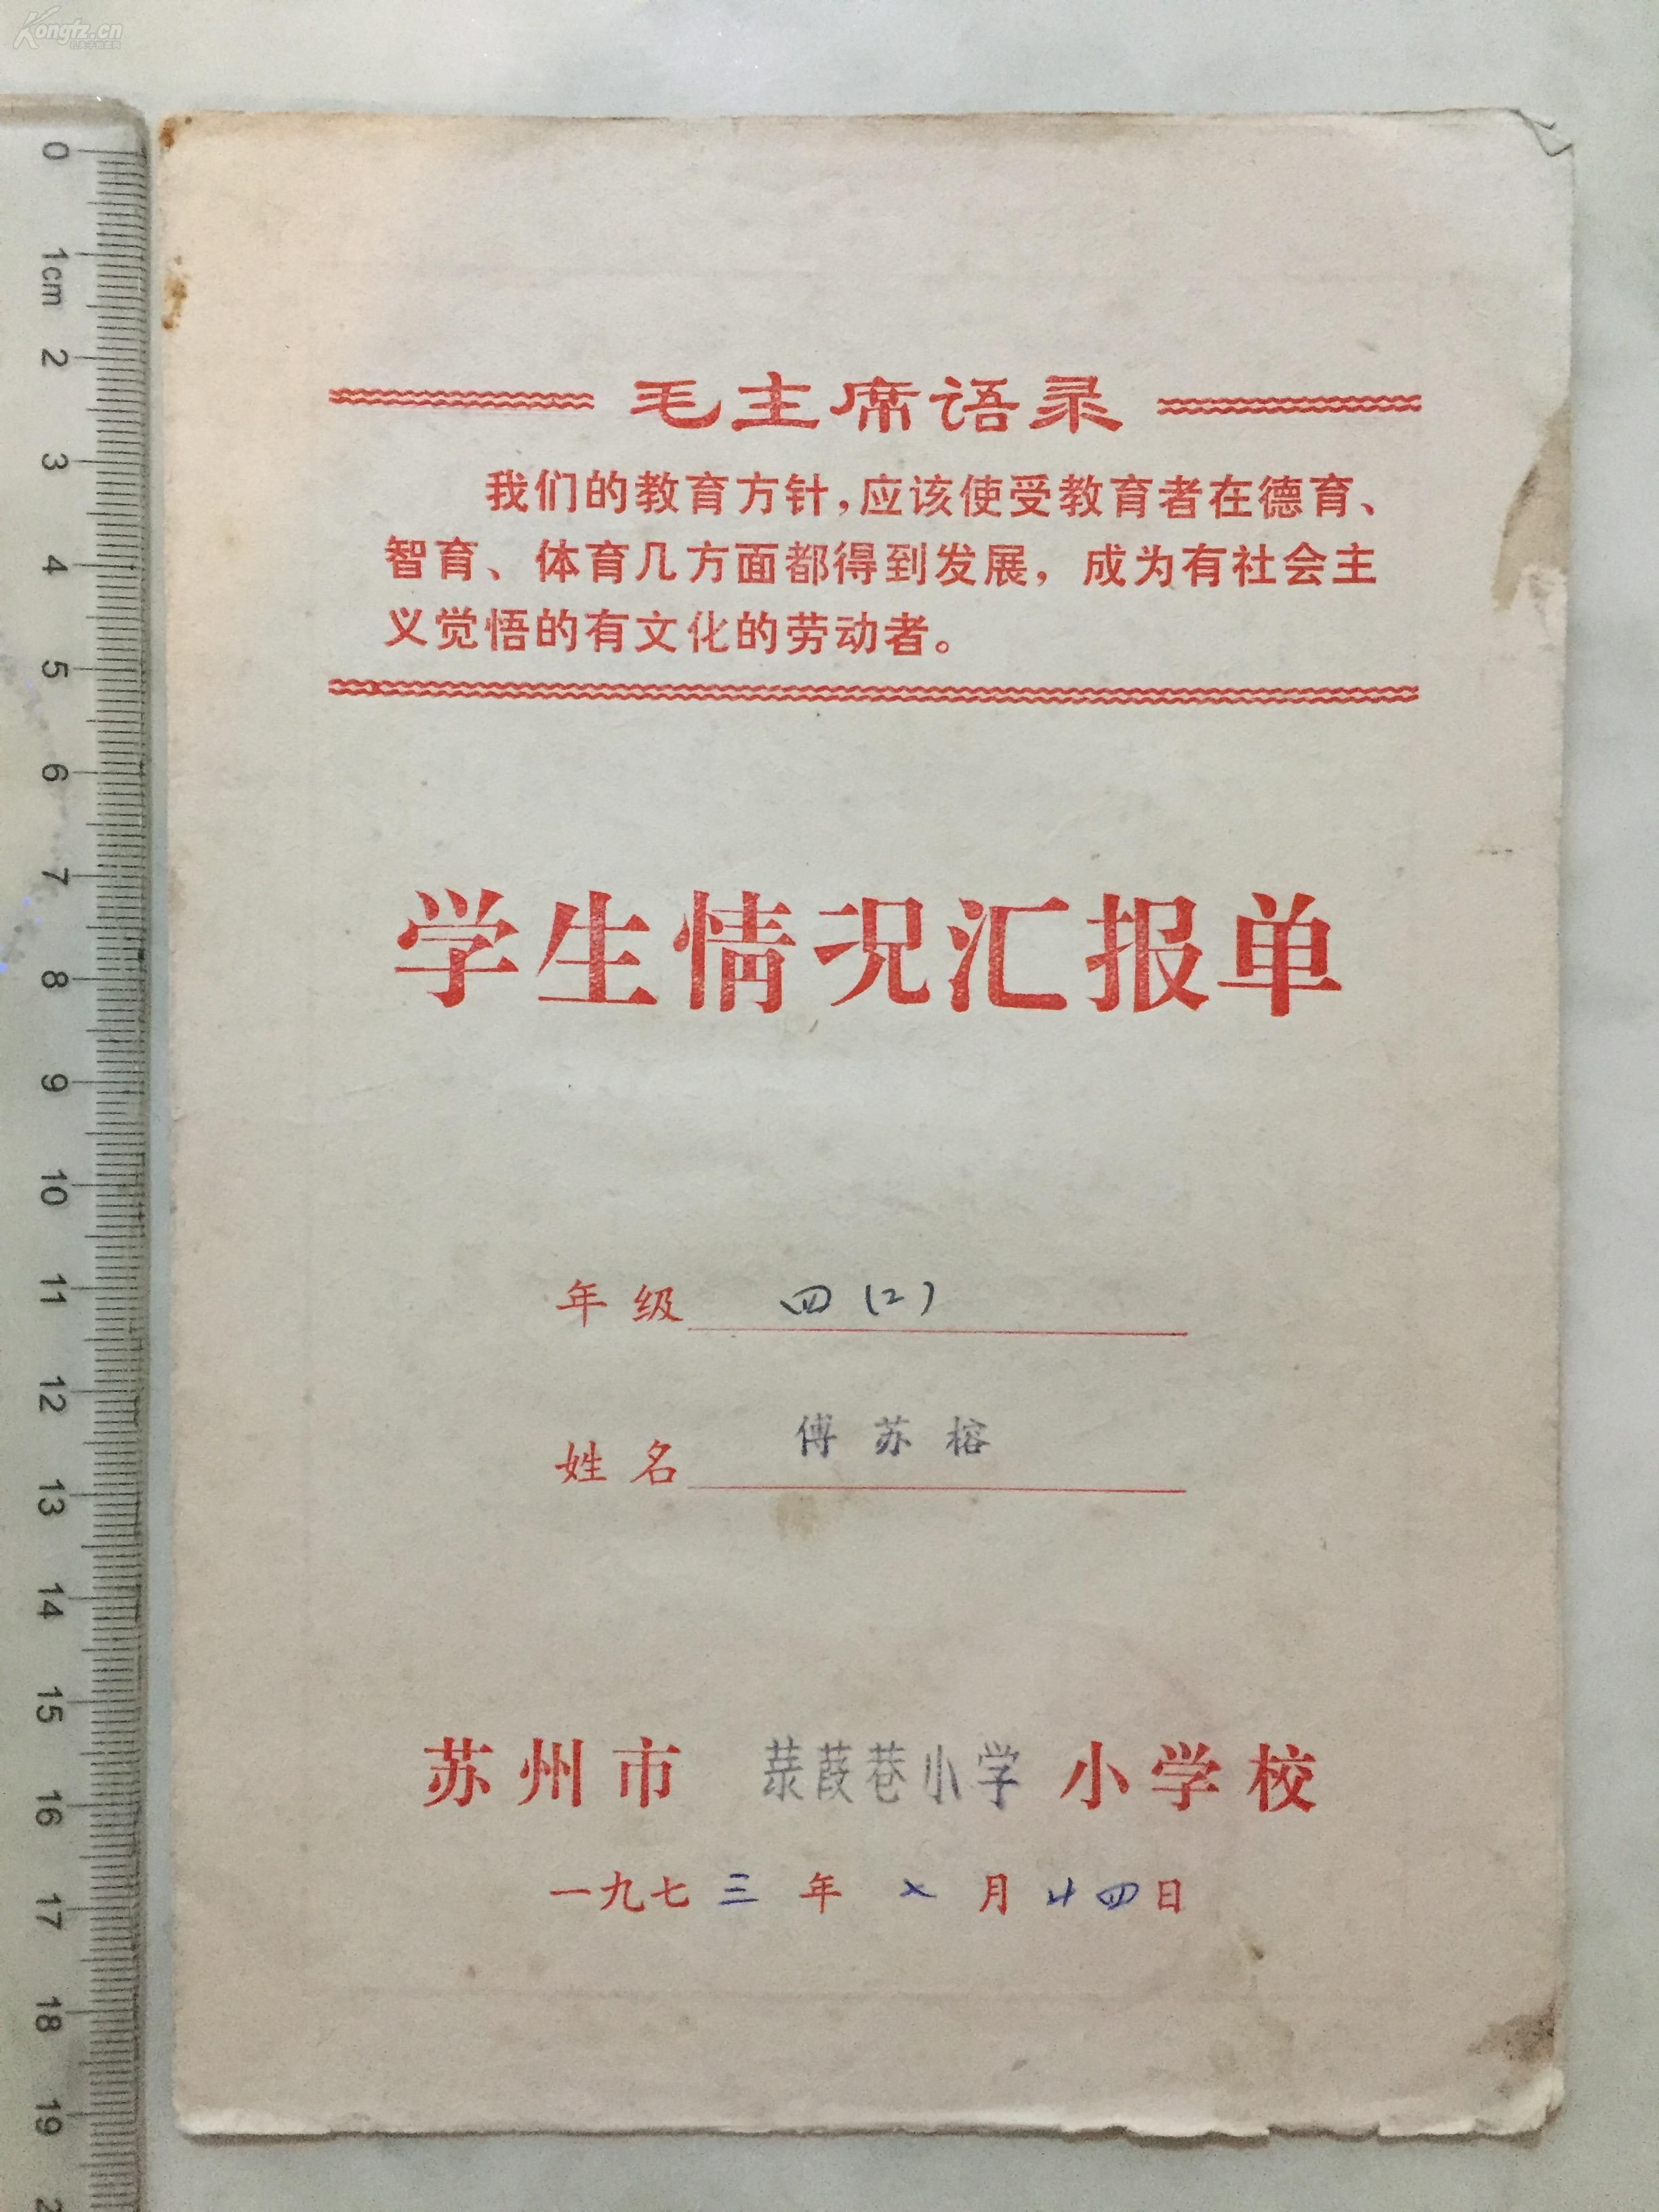 1973年苏州录葭巷小学带毛语录主席《学生情小学二手房路图片